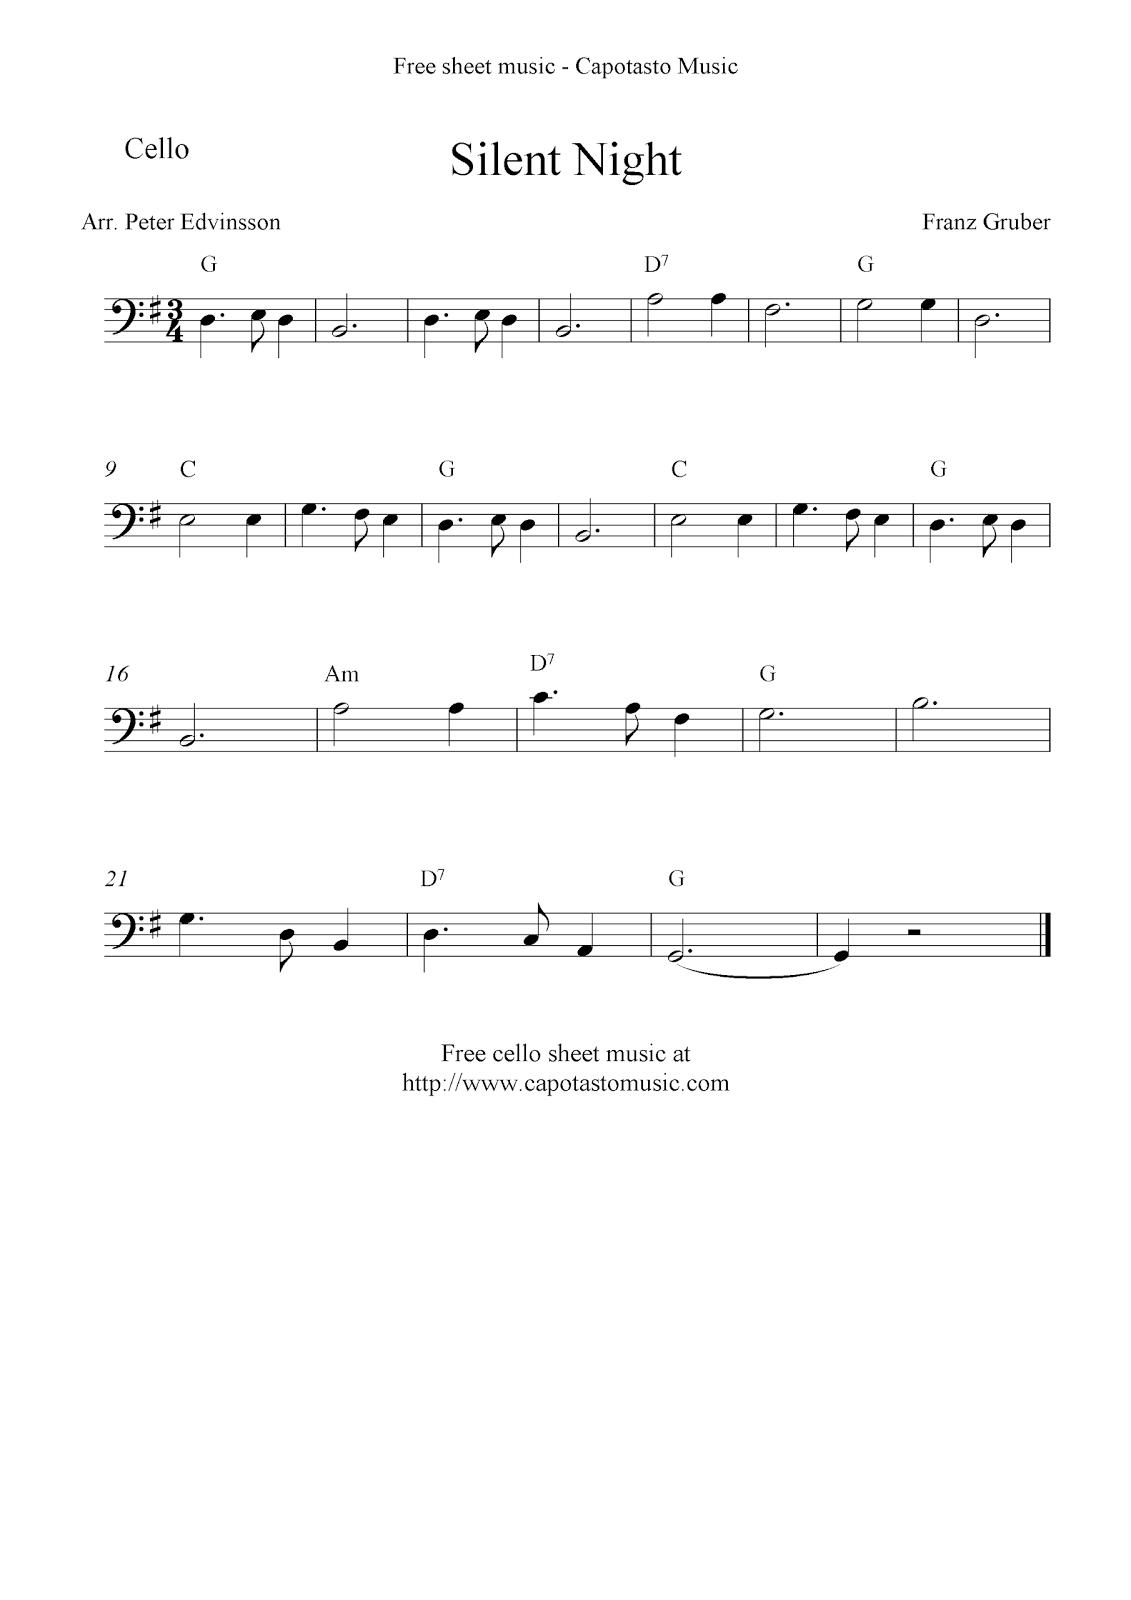 Free Sheet Music Scores Silent Night Free Christmas Cello Sheet Music Cello Sheet Music Cello Music Sheet Music